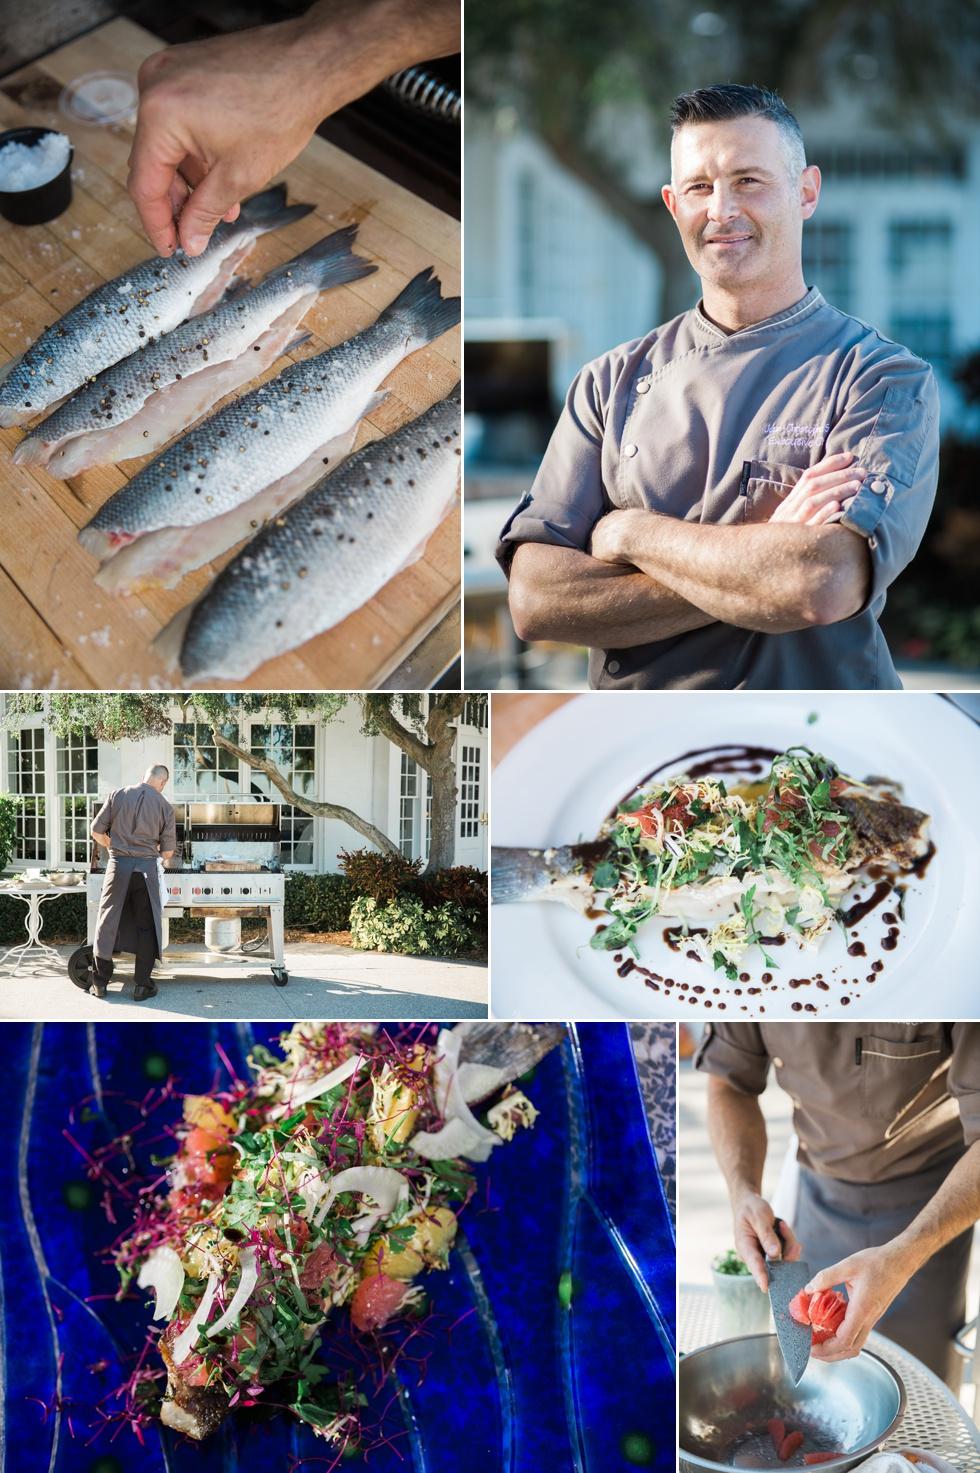 tycc_chef_fish_editorial_pezzphoto